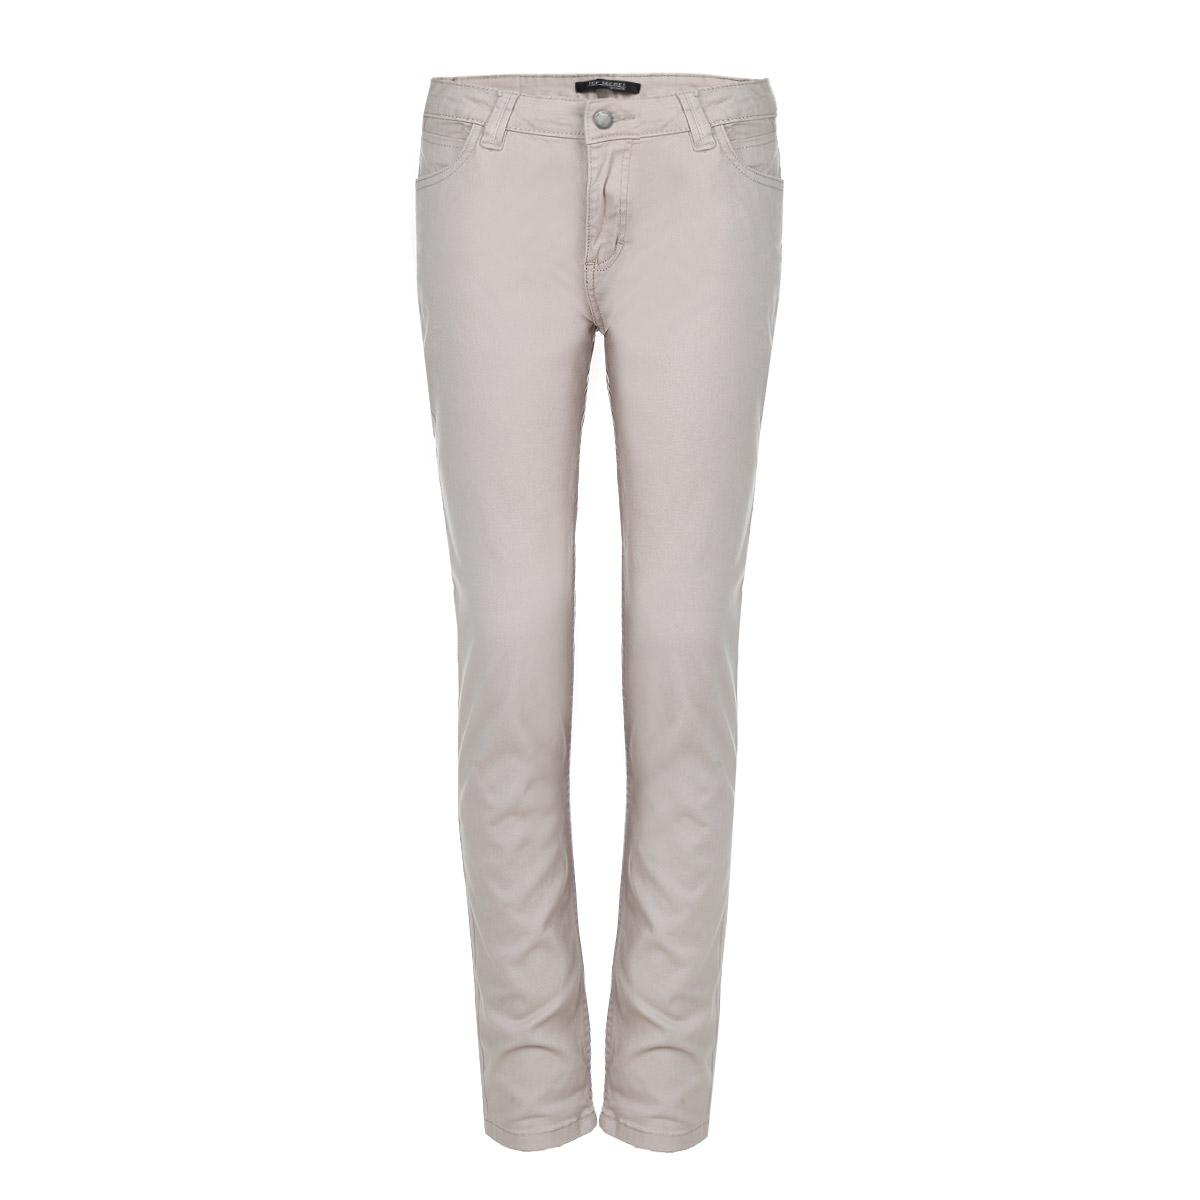 Брюки женские. SSP2021SSP2021GBСтильные женские брюки Top Secret - отличный выбор на каждый день, они прекрасно сидят и подчеркнут все достоинства вашей фигуры. Модель прямого кроя, слегка зауженного к низу, и средней посадки изготовлена из хлопка с небольшим добавлением эластана. Застегиваются брюки на пуговицу в поясе и ширинку на застежке-молнии, предусмотрены шлевки для ремня. Спереди модель оформлена двумя втачными карманами и одним небольшим секретным кармашком, а сзади - двумя накладными карманами. Эти модные и в тоже время комфортные брюки послужат отличным дополнением к вашему гардеробу. В них вы всегда будете чувствовать себя уютно и комфортно.